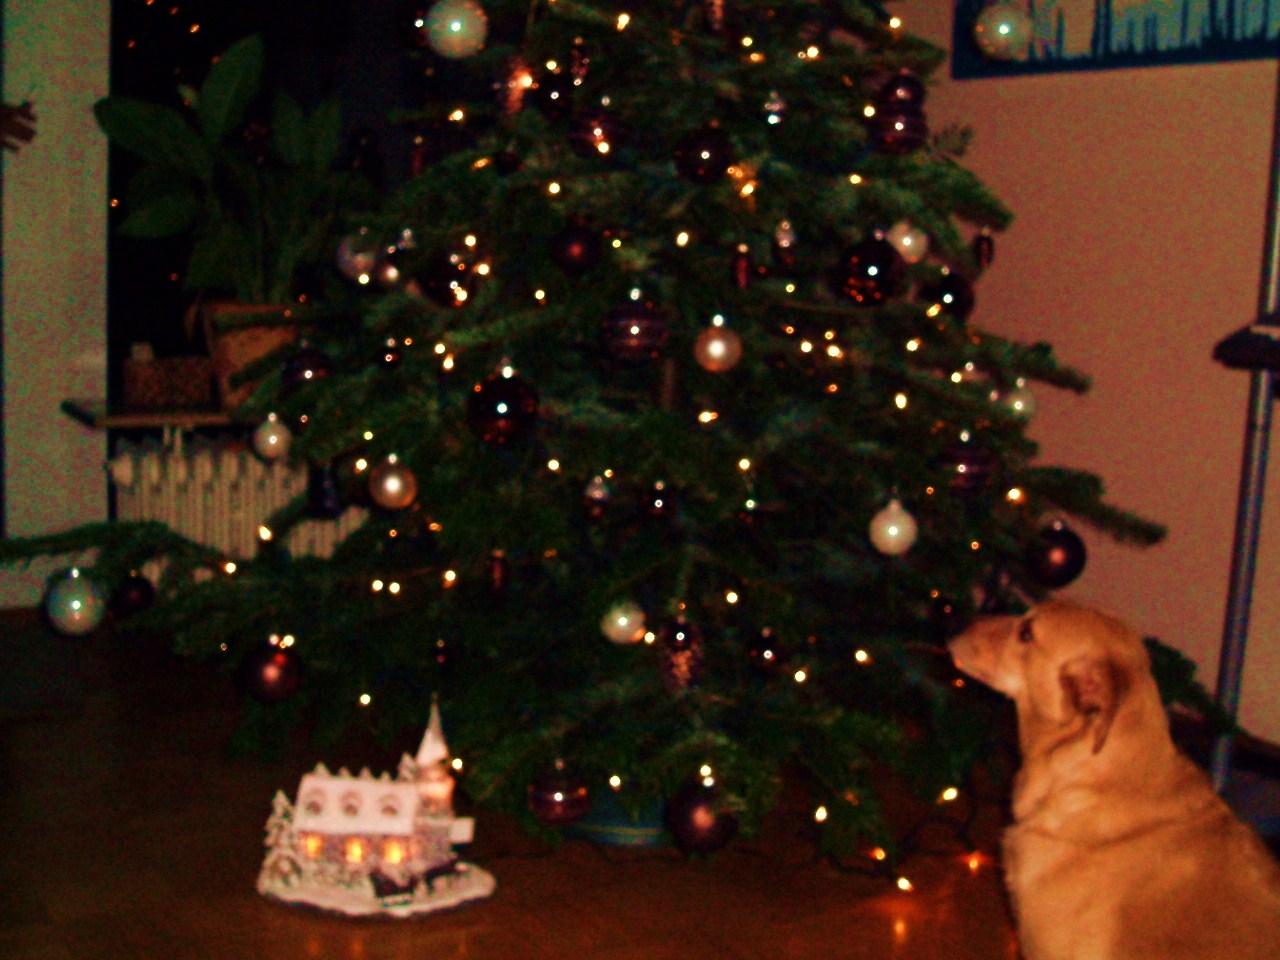 Weihnachtsbaum mit braunen kugeln